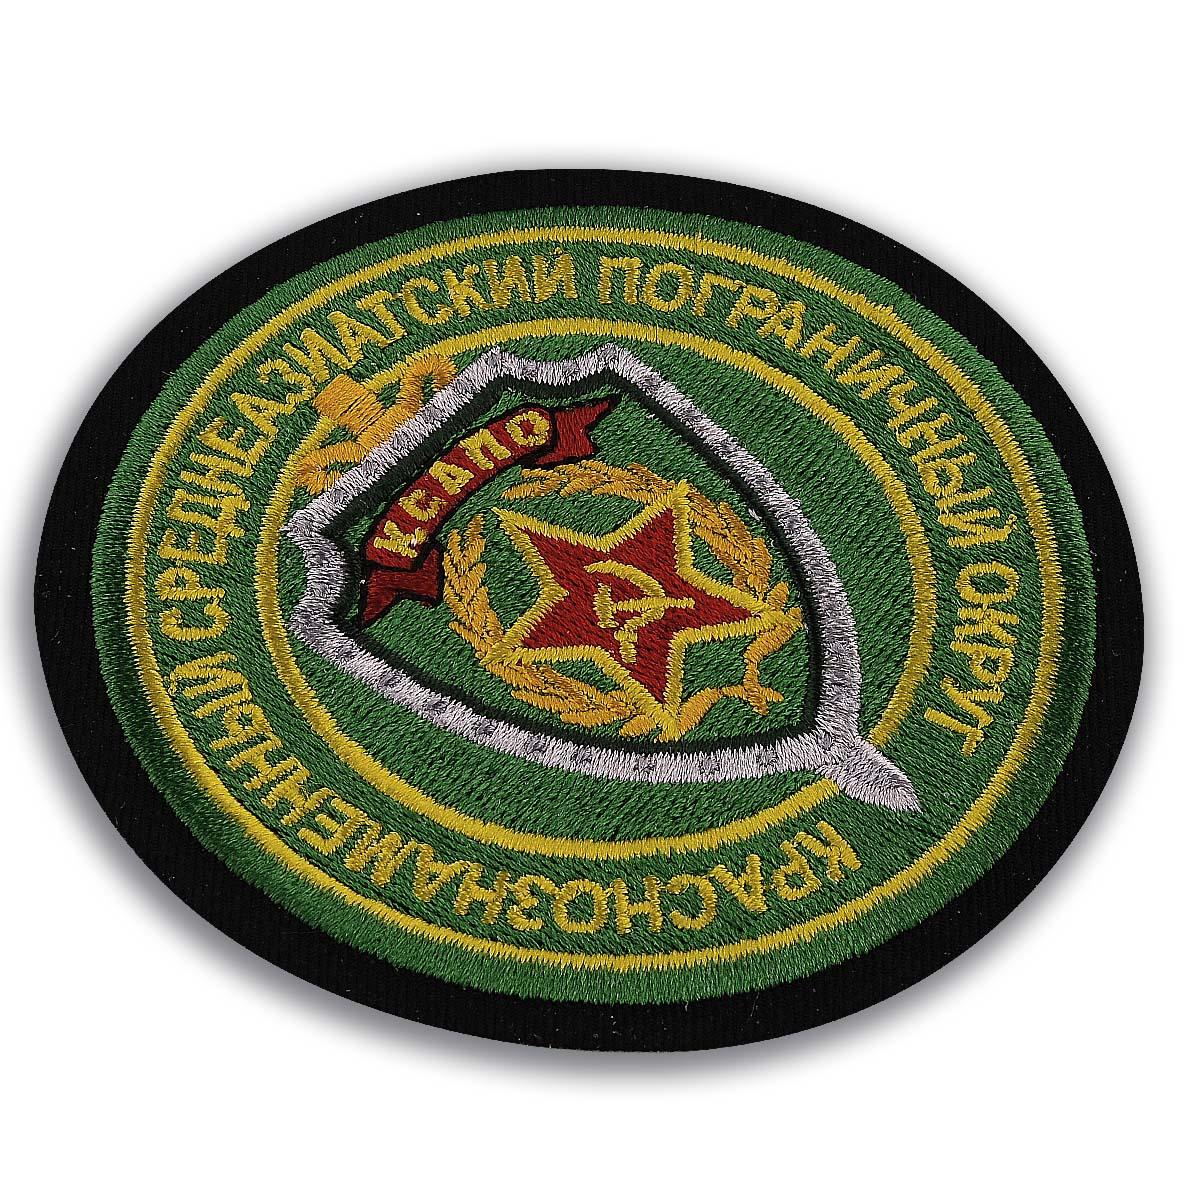 """Шеврон Погранвойск """"Краснознаменный Среднеазиатский пограничный округ"""" - вид под углом"""